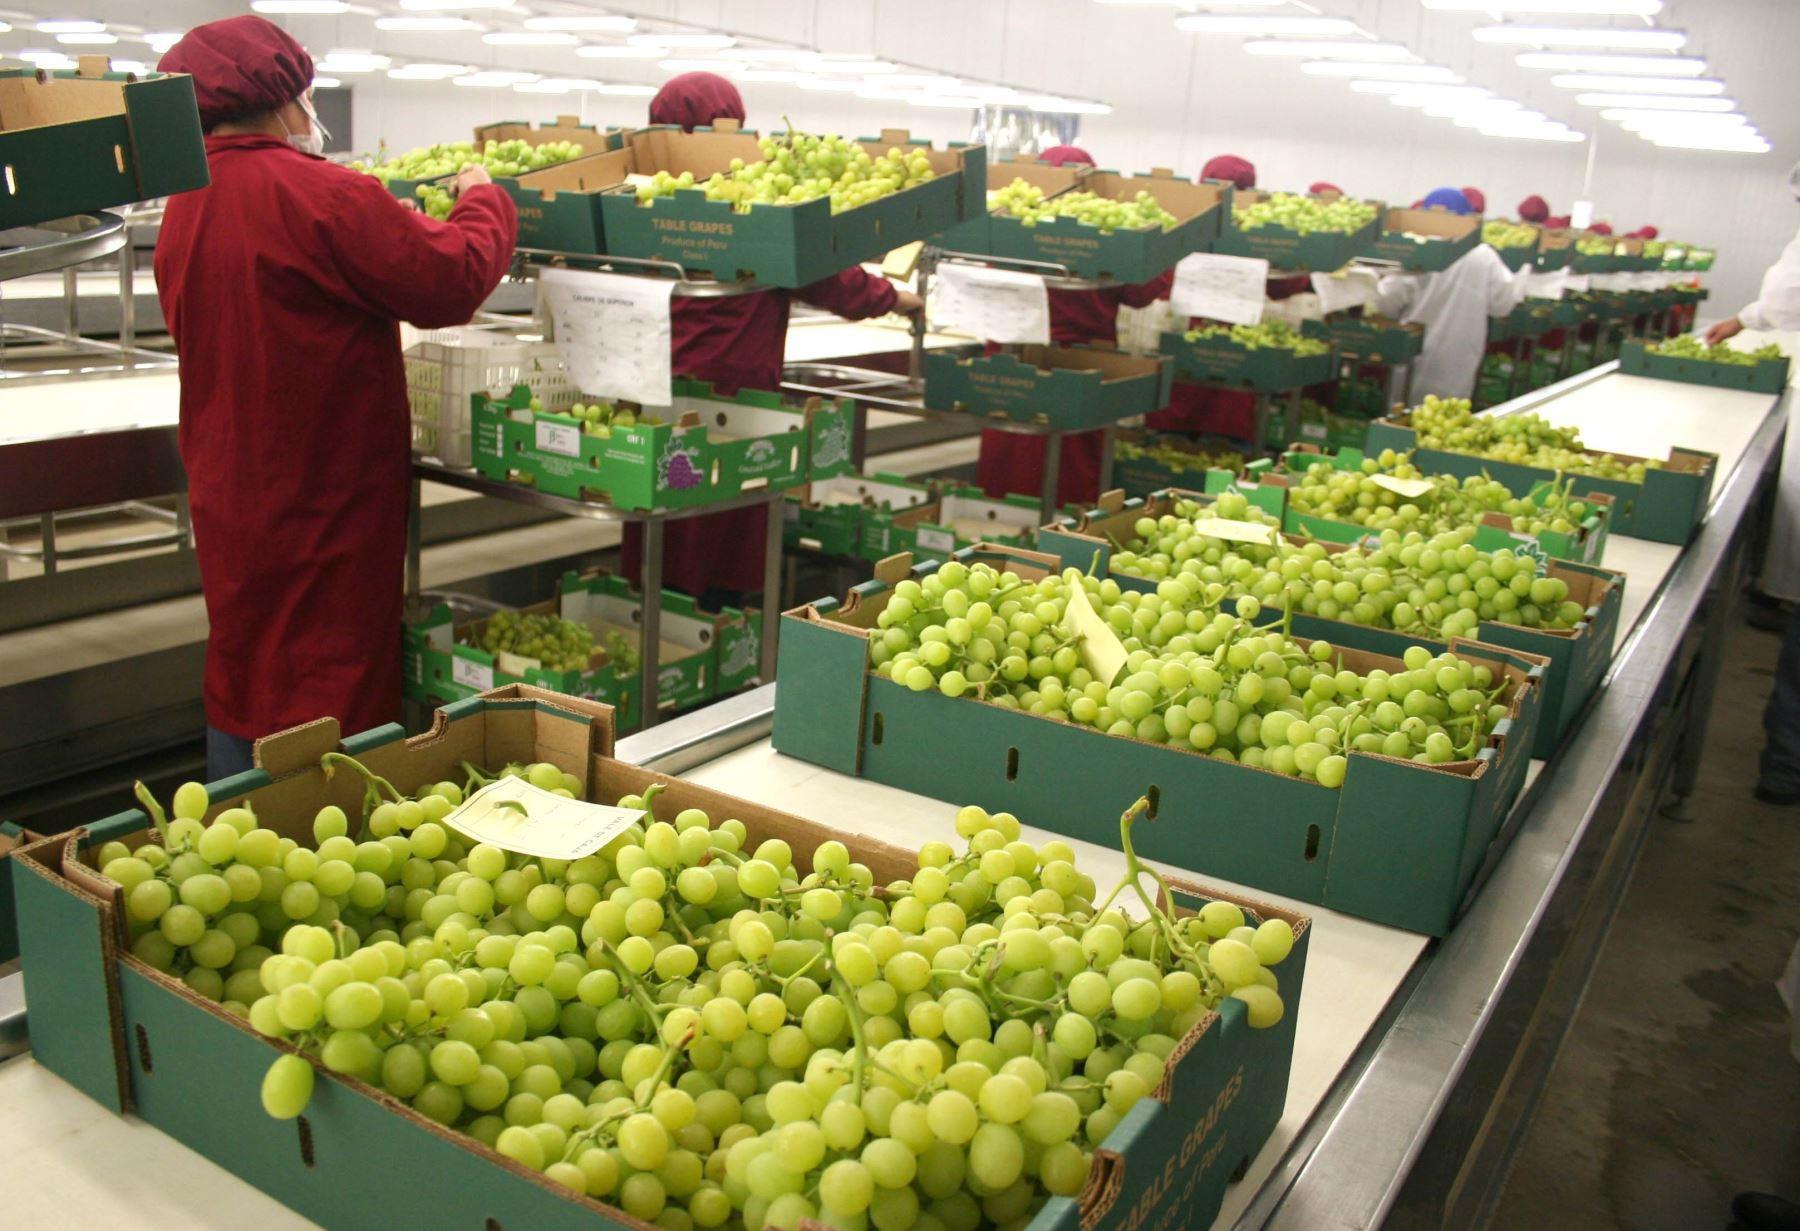 nueva-ley-agraria-mef-propone-que-ir-para-agroexportadoras-aumente-de-modo-gradual-desde-20-a-partir-de-2022